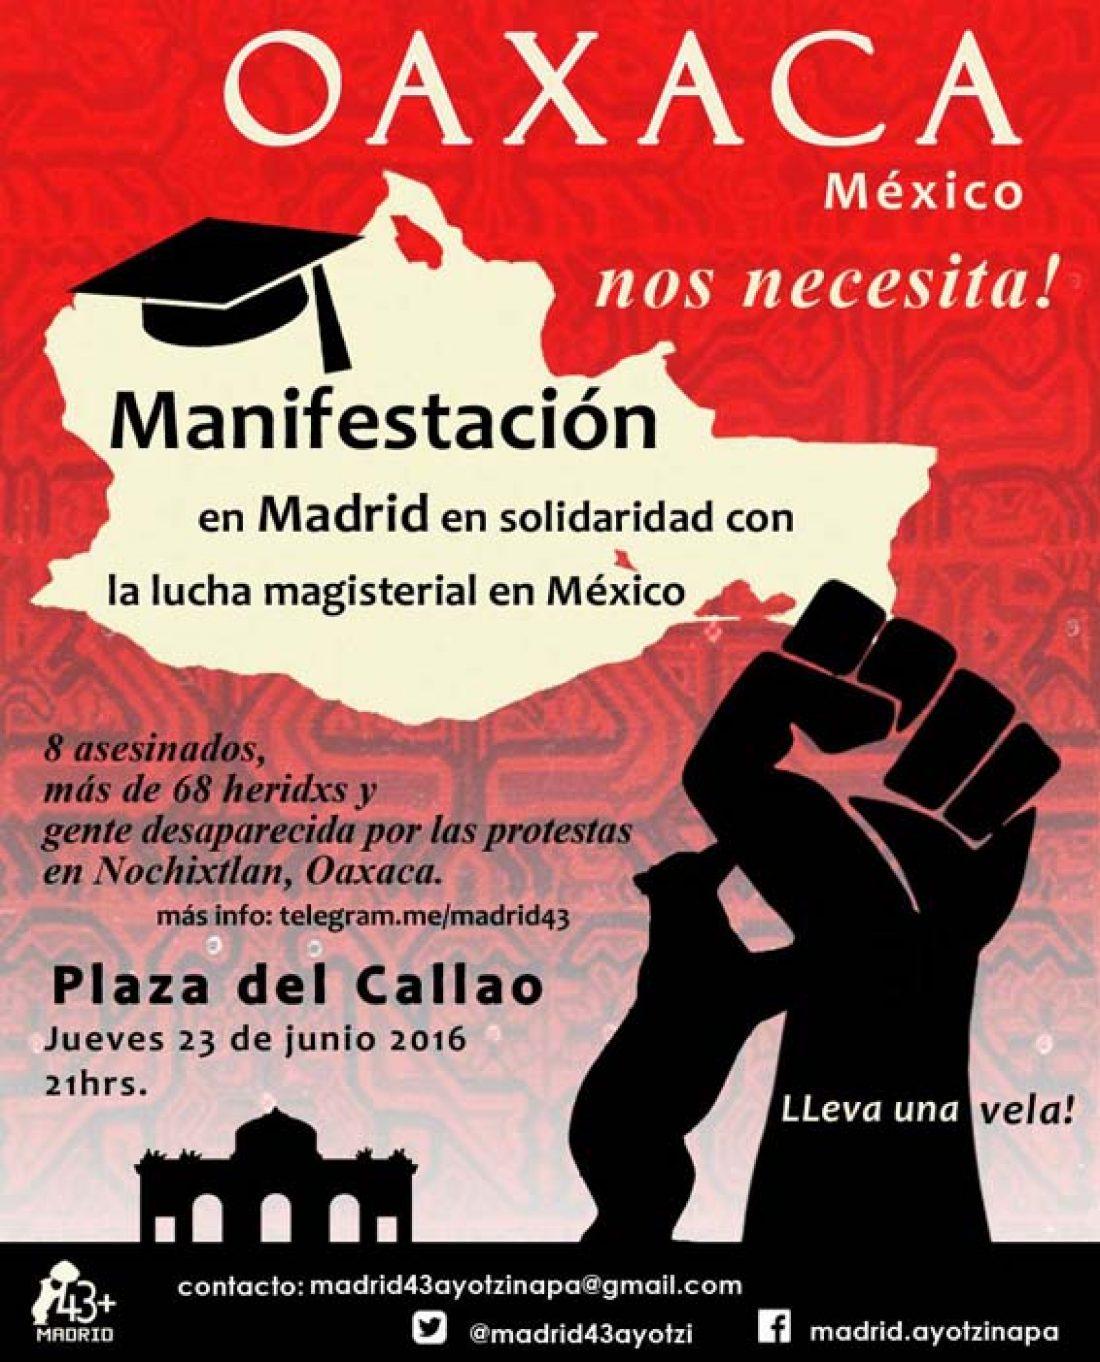 Manifestación de solidaridad con maestr@s de Oaxaca, México en Madrid